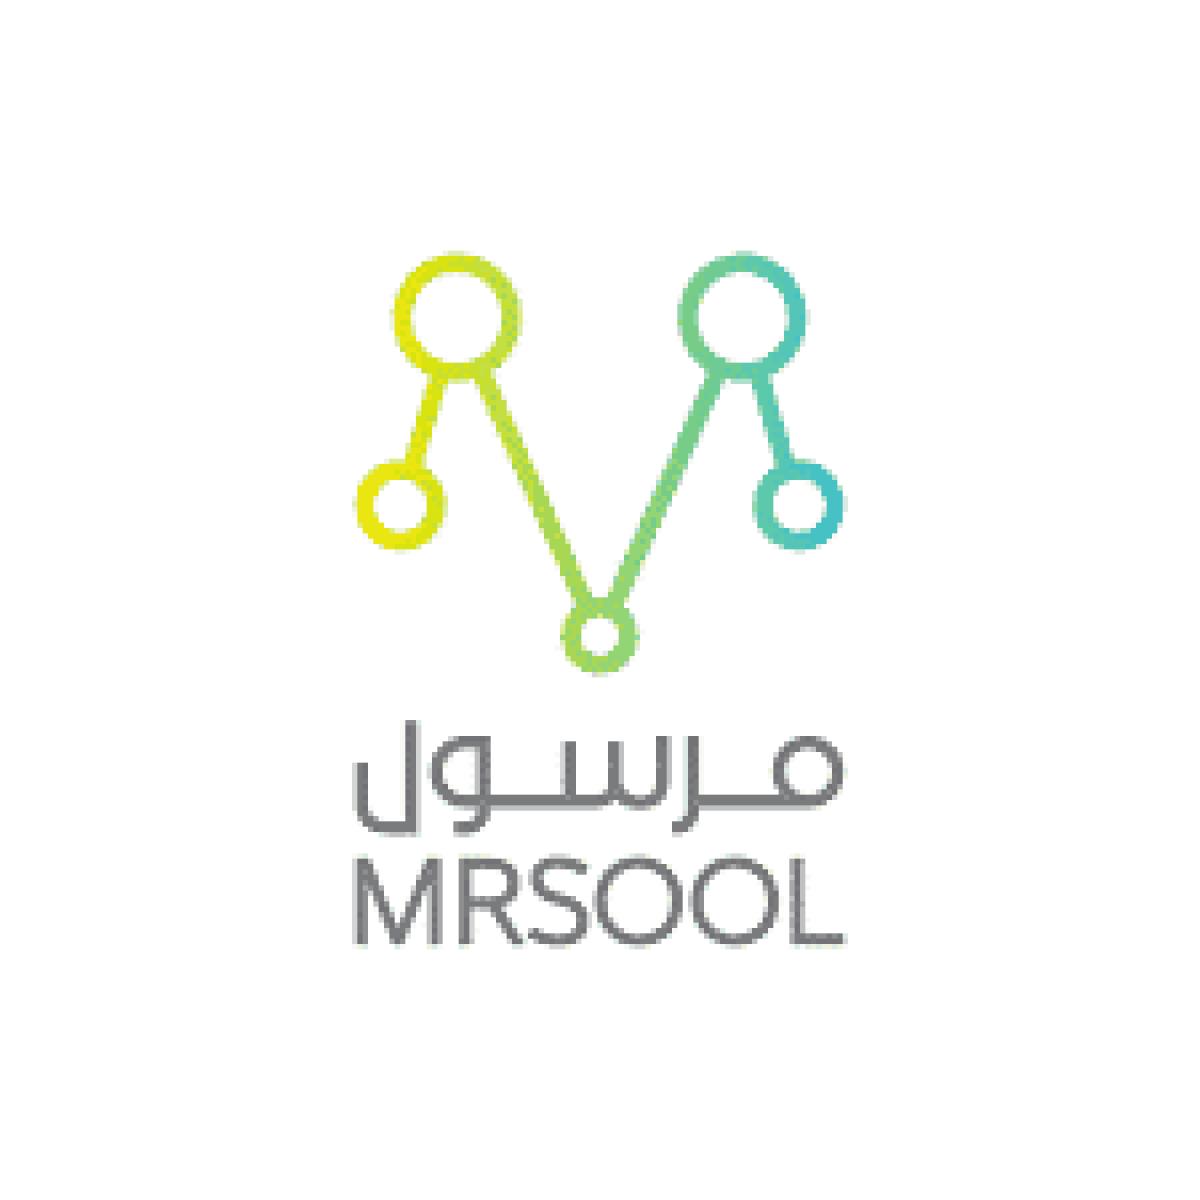 تسوق مع كوبون خصم مرسول أول طلب المميز سبتمبر 2020 بقيمة 25 من خصملي في السعودية Discount Coupons Coding Peace Gesture